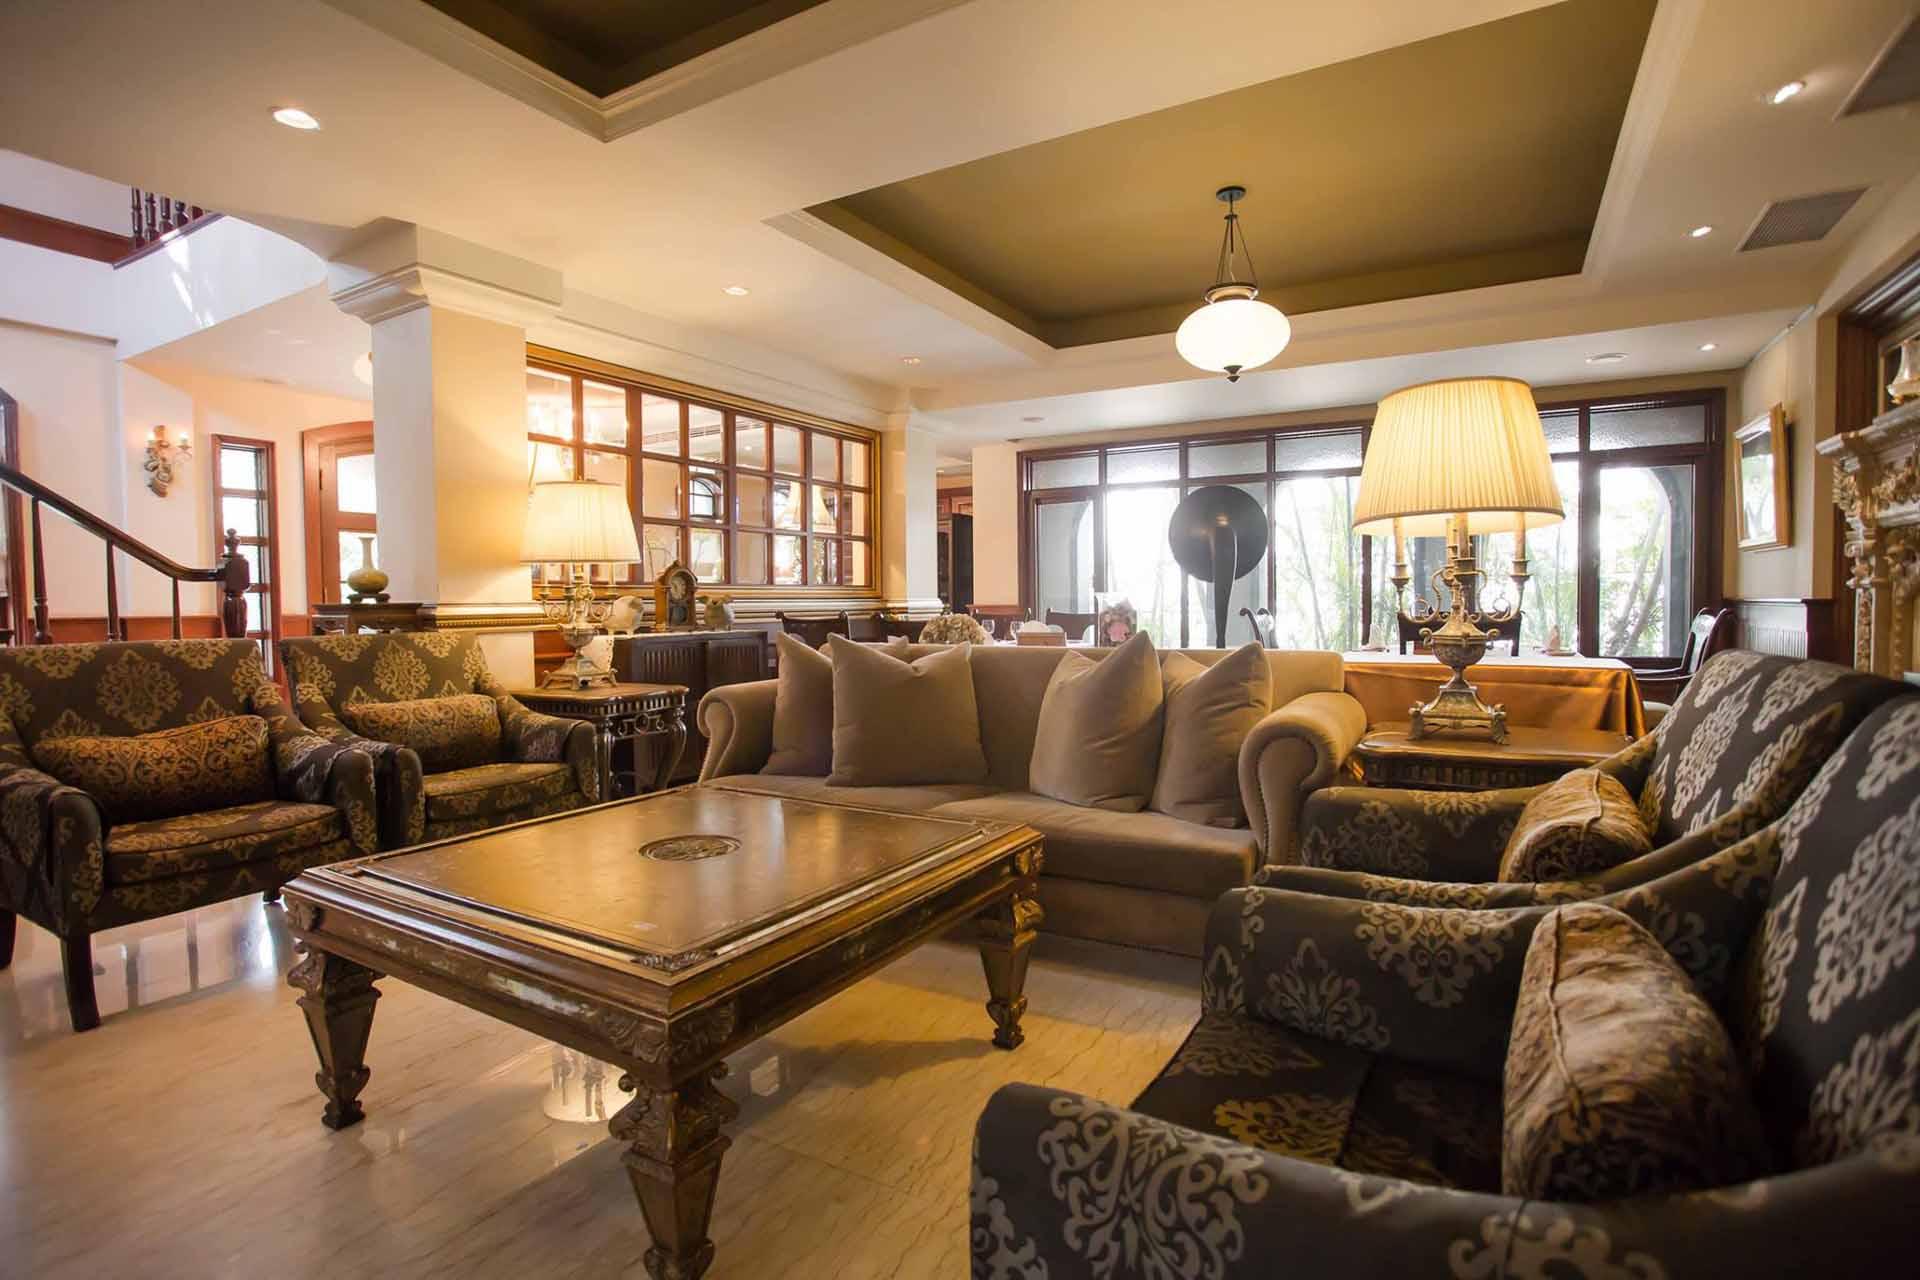 以老上海洋房風情,中山招待所讓顧客享受如同到豪宅作客的樂趣。(圖/中山招待所FB)